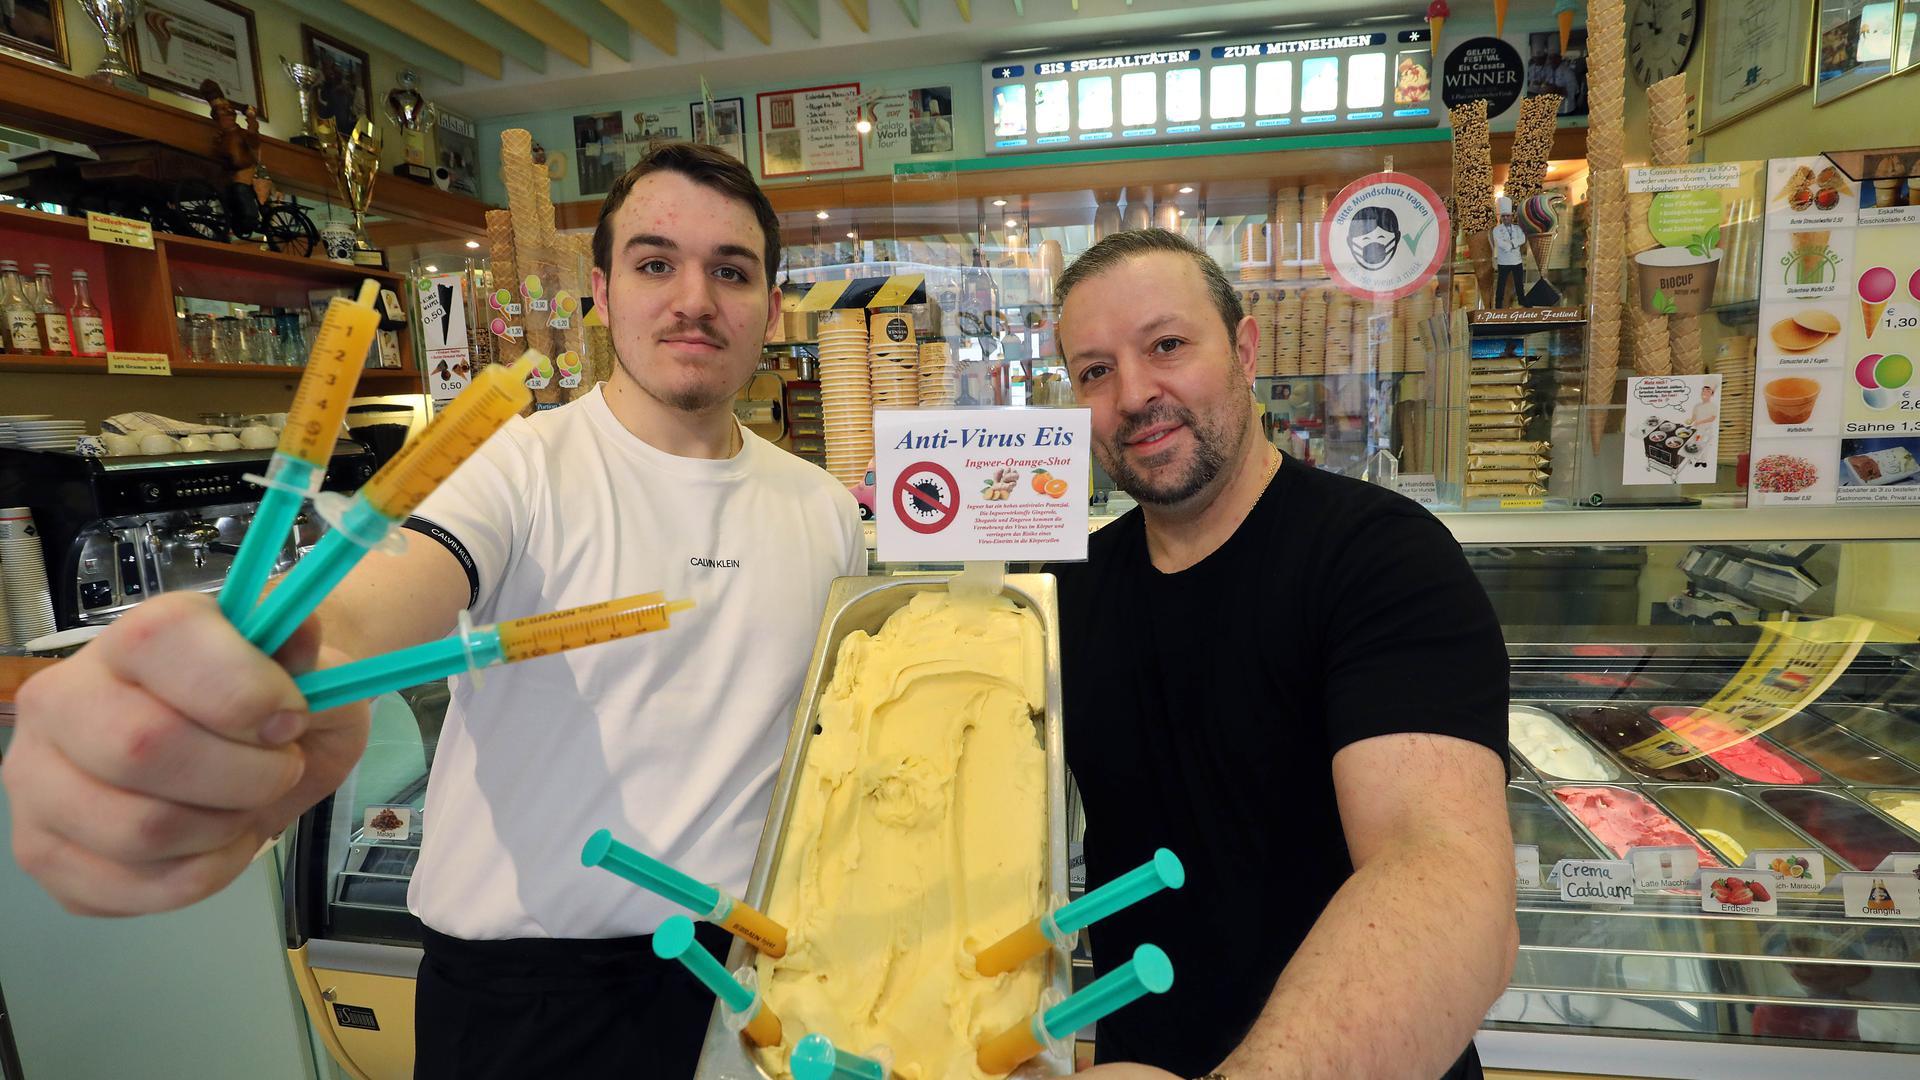 Zwei Männer mit Eis und Spritzen